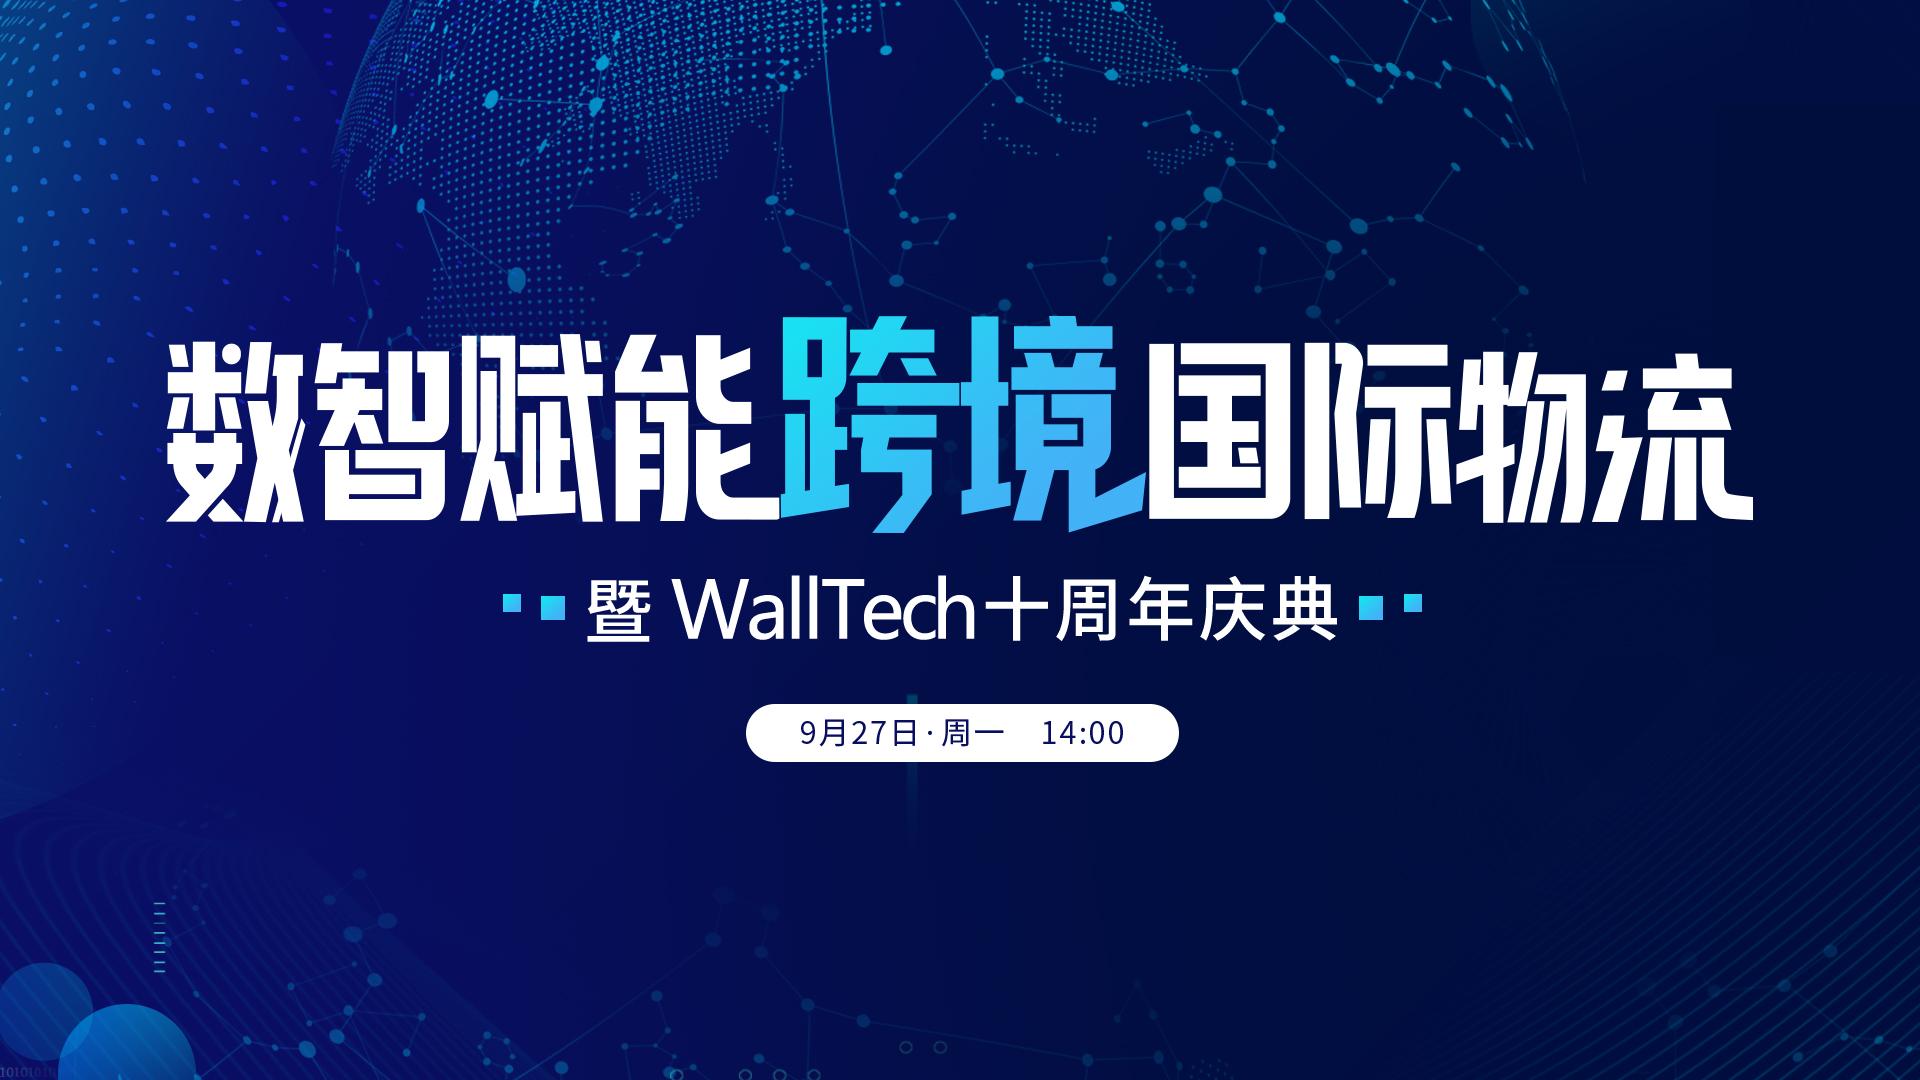 【物流+直播】数智赋能跨境国际物流暨WallTech十周年庆典